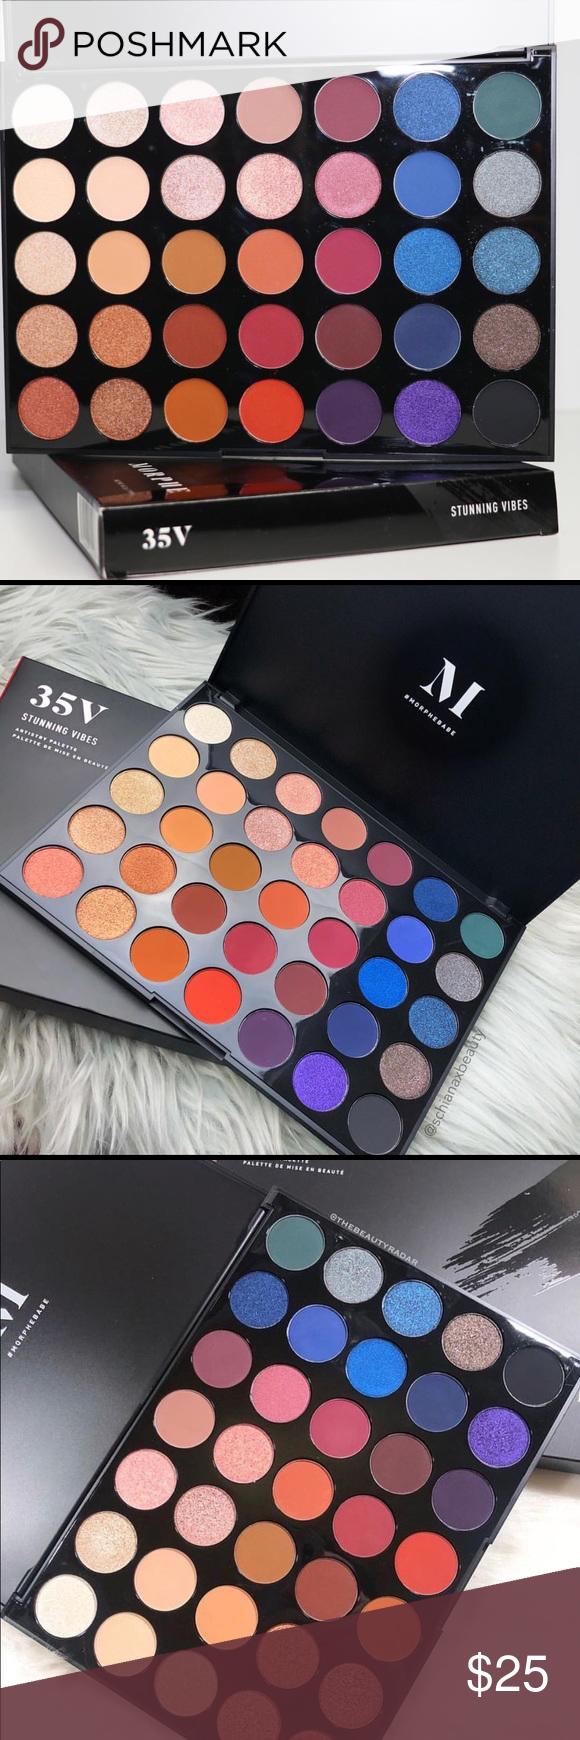 New Morphe 35V Stunning Vibes artistry palette Brand new